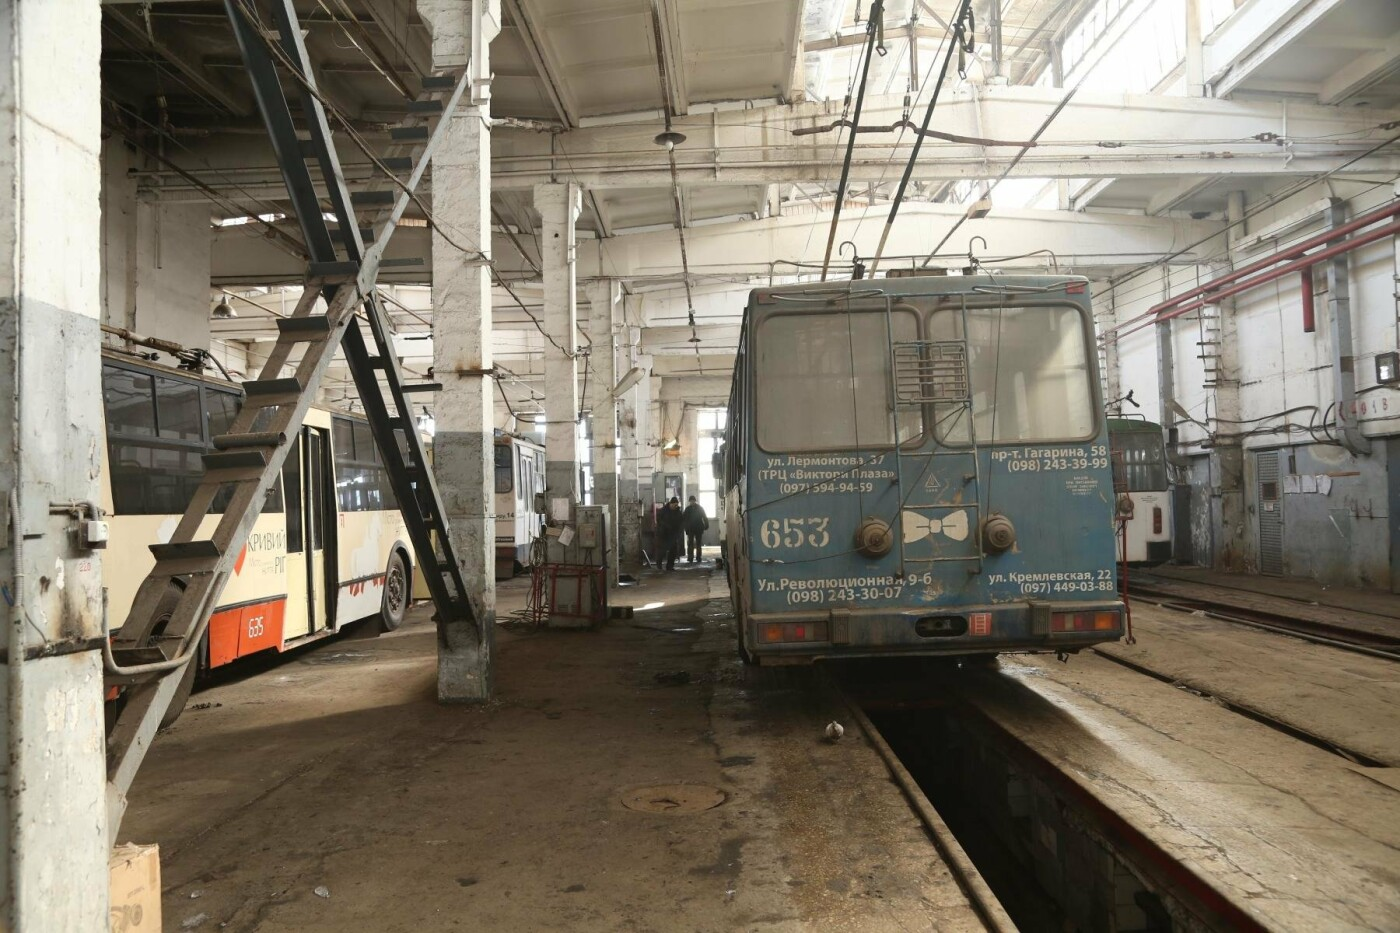 Эксперты ЕБРР с криворжскими чиновниками готовят обоснования для покупки новых троллейбусов , фото-6